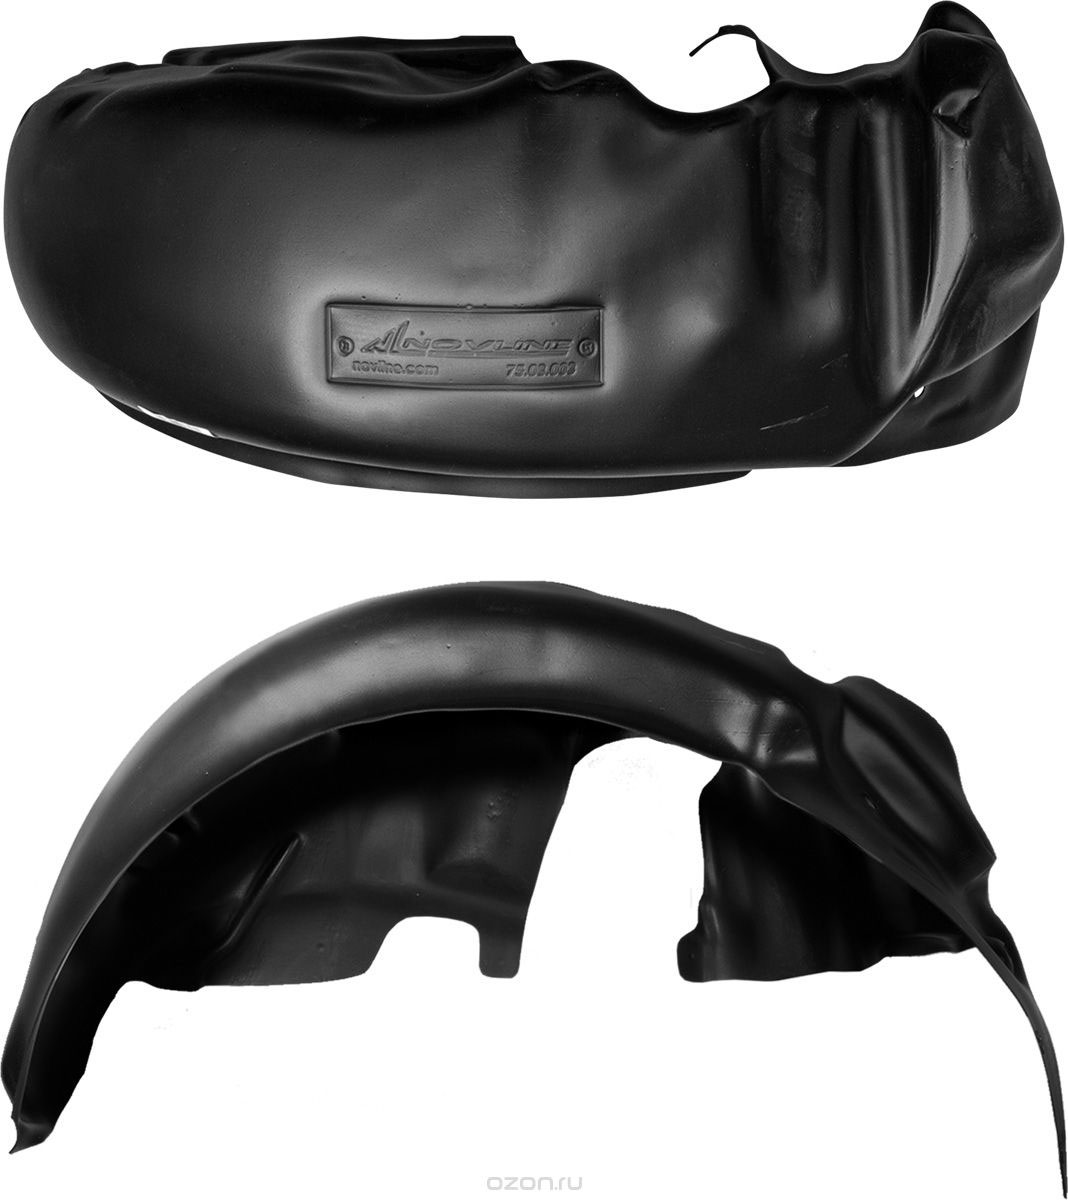 Подкрылок Novline-Autofamily, для CHEVROLET Aveo 2012->,сед, хб., передний правыйNLL.08.15.002Идеальная защита колесной ниши. Локеры разработаны с применением цифровых технологий, гарантируют максимальную повторяемость поверхности арки. Изделия устанавливаются без нарушения лакокрасочного покрытия автомобиля, каждый подкрылок комплектуется крепежом. Уважаемые клиенты, обращаем ваше внимание, что фотографии на подкрылки универсальные и не отражают реальную форму изделия. При этом само изделие идет точно под размер указанного автомобиля.